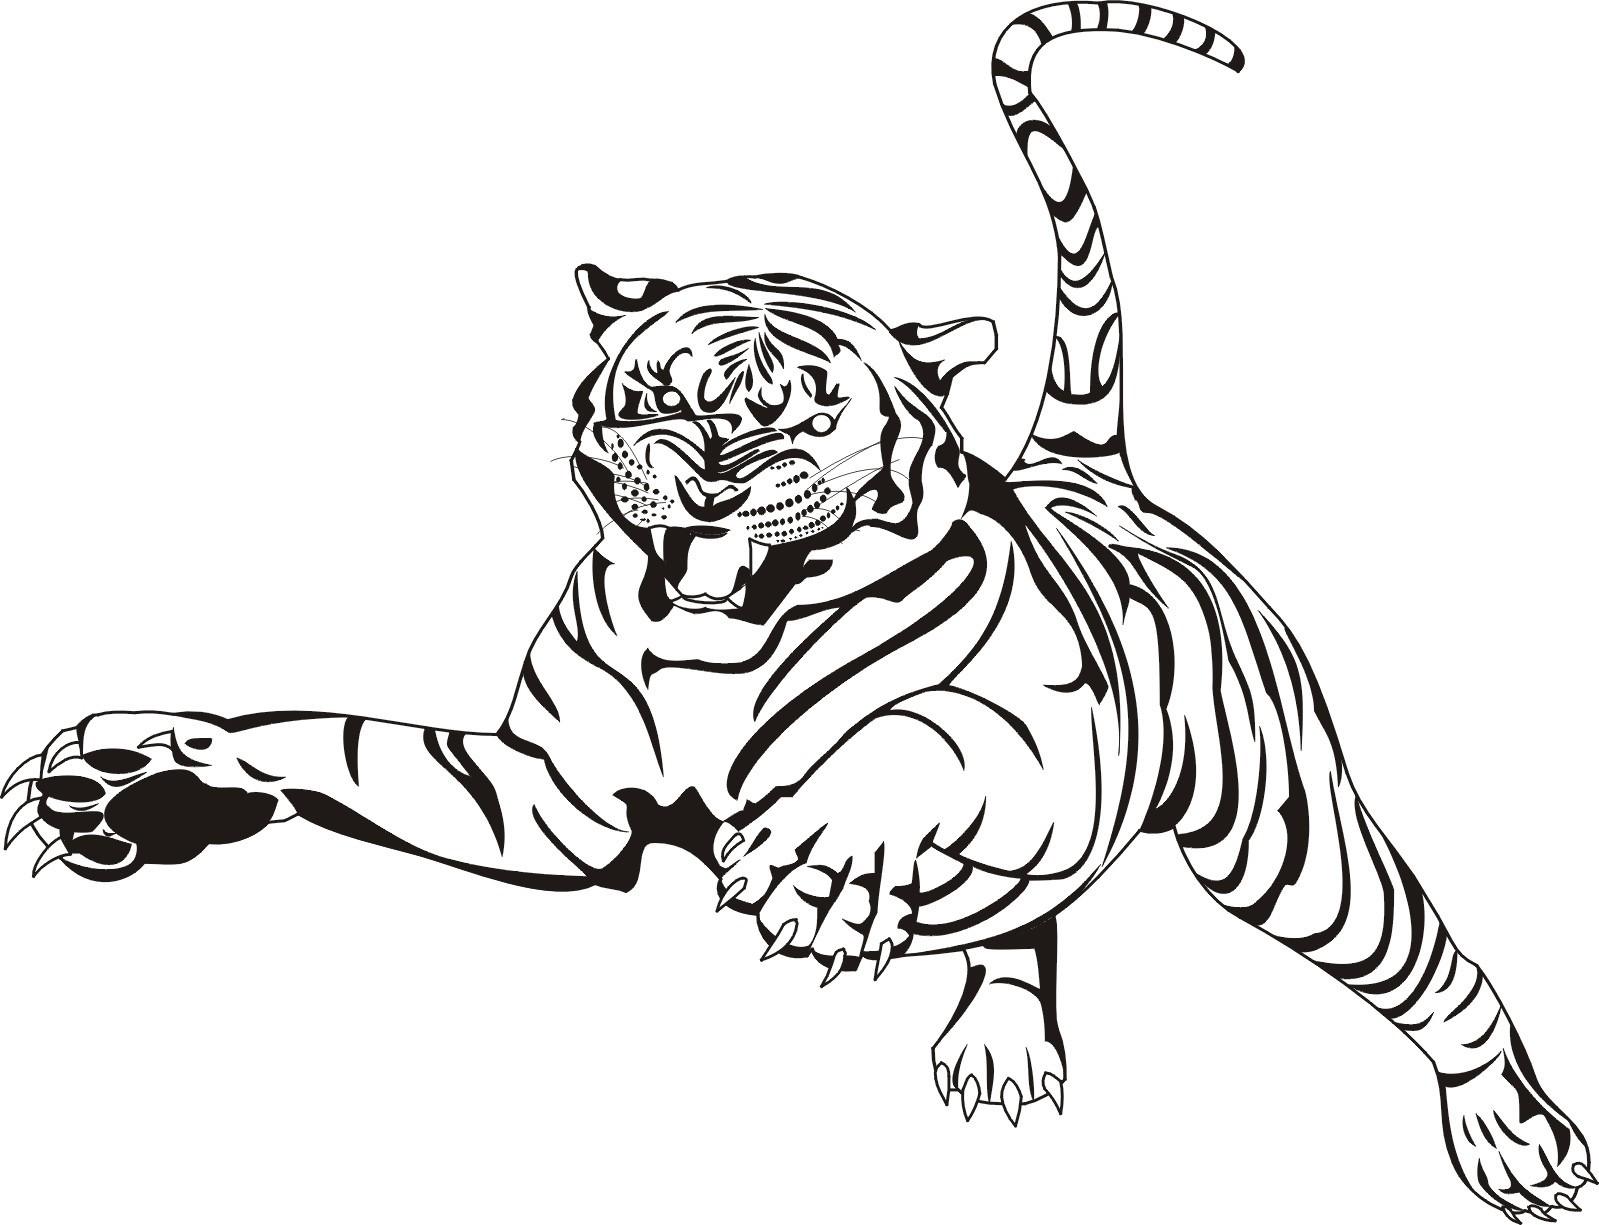 Tranh tô màu con hổ đẹp, ngầu